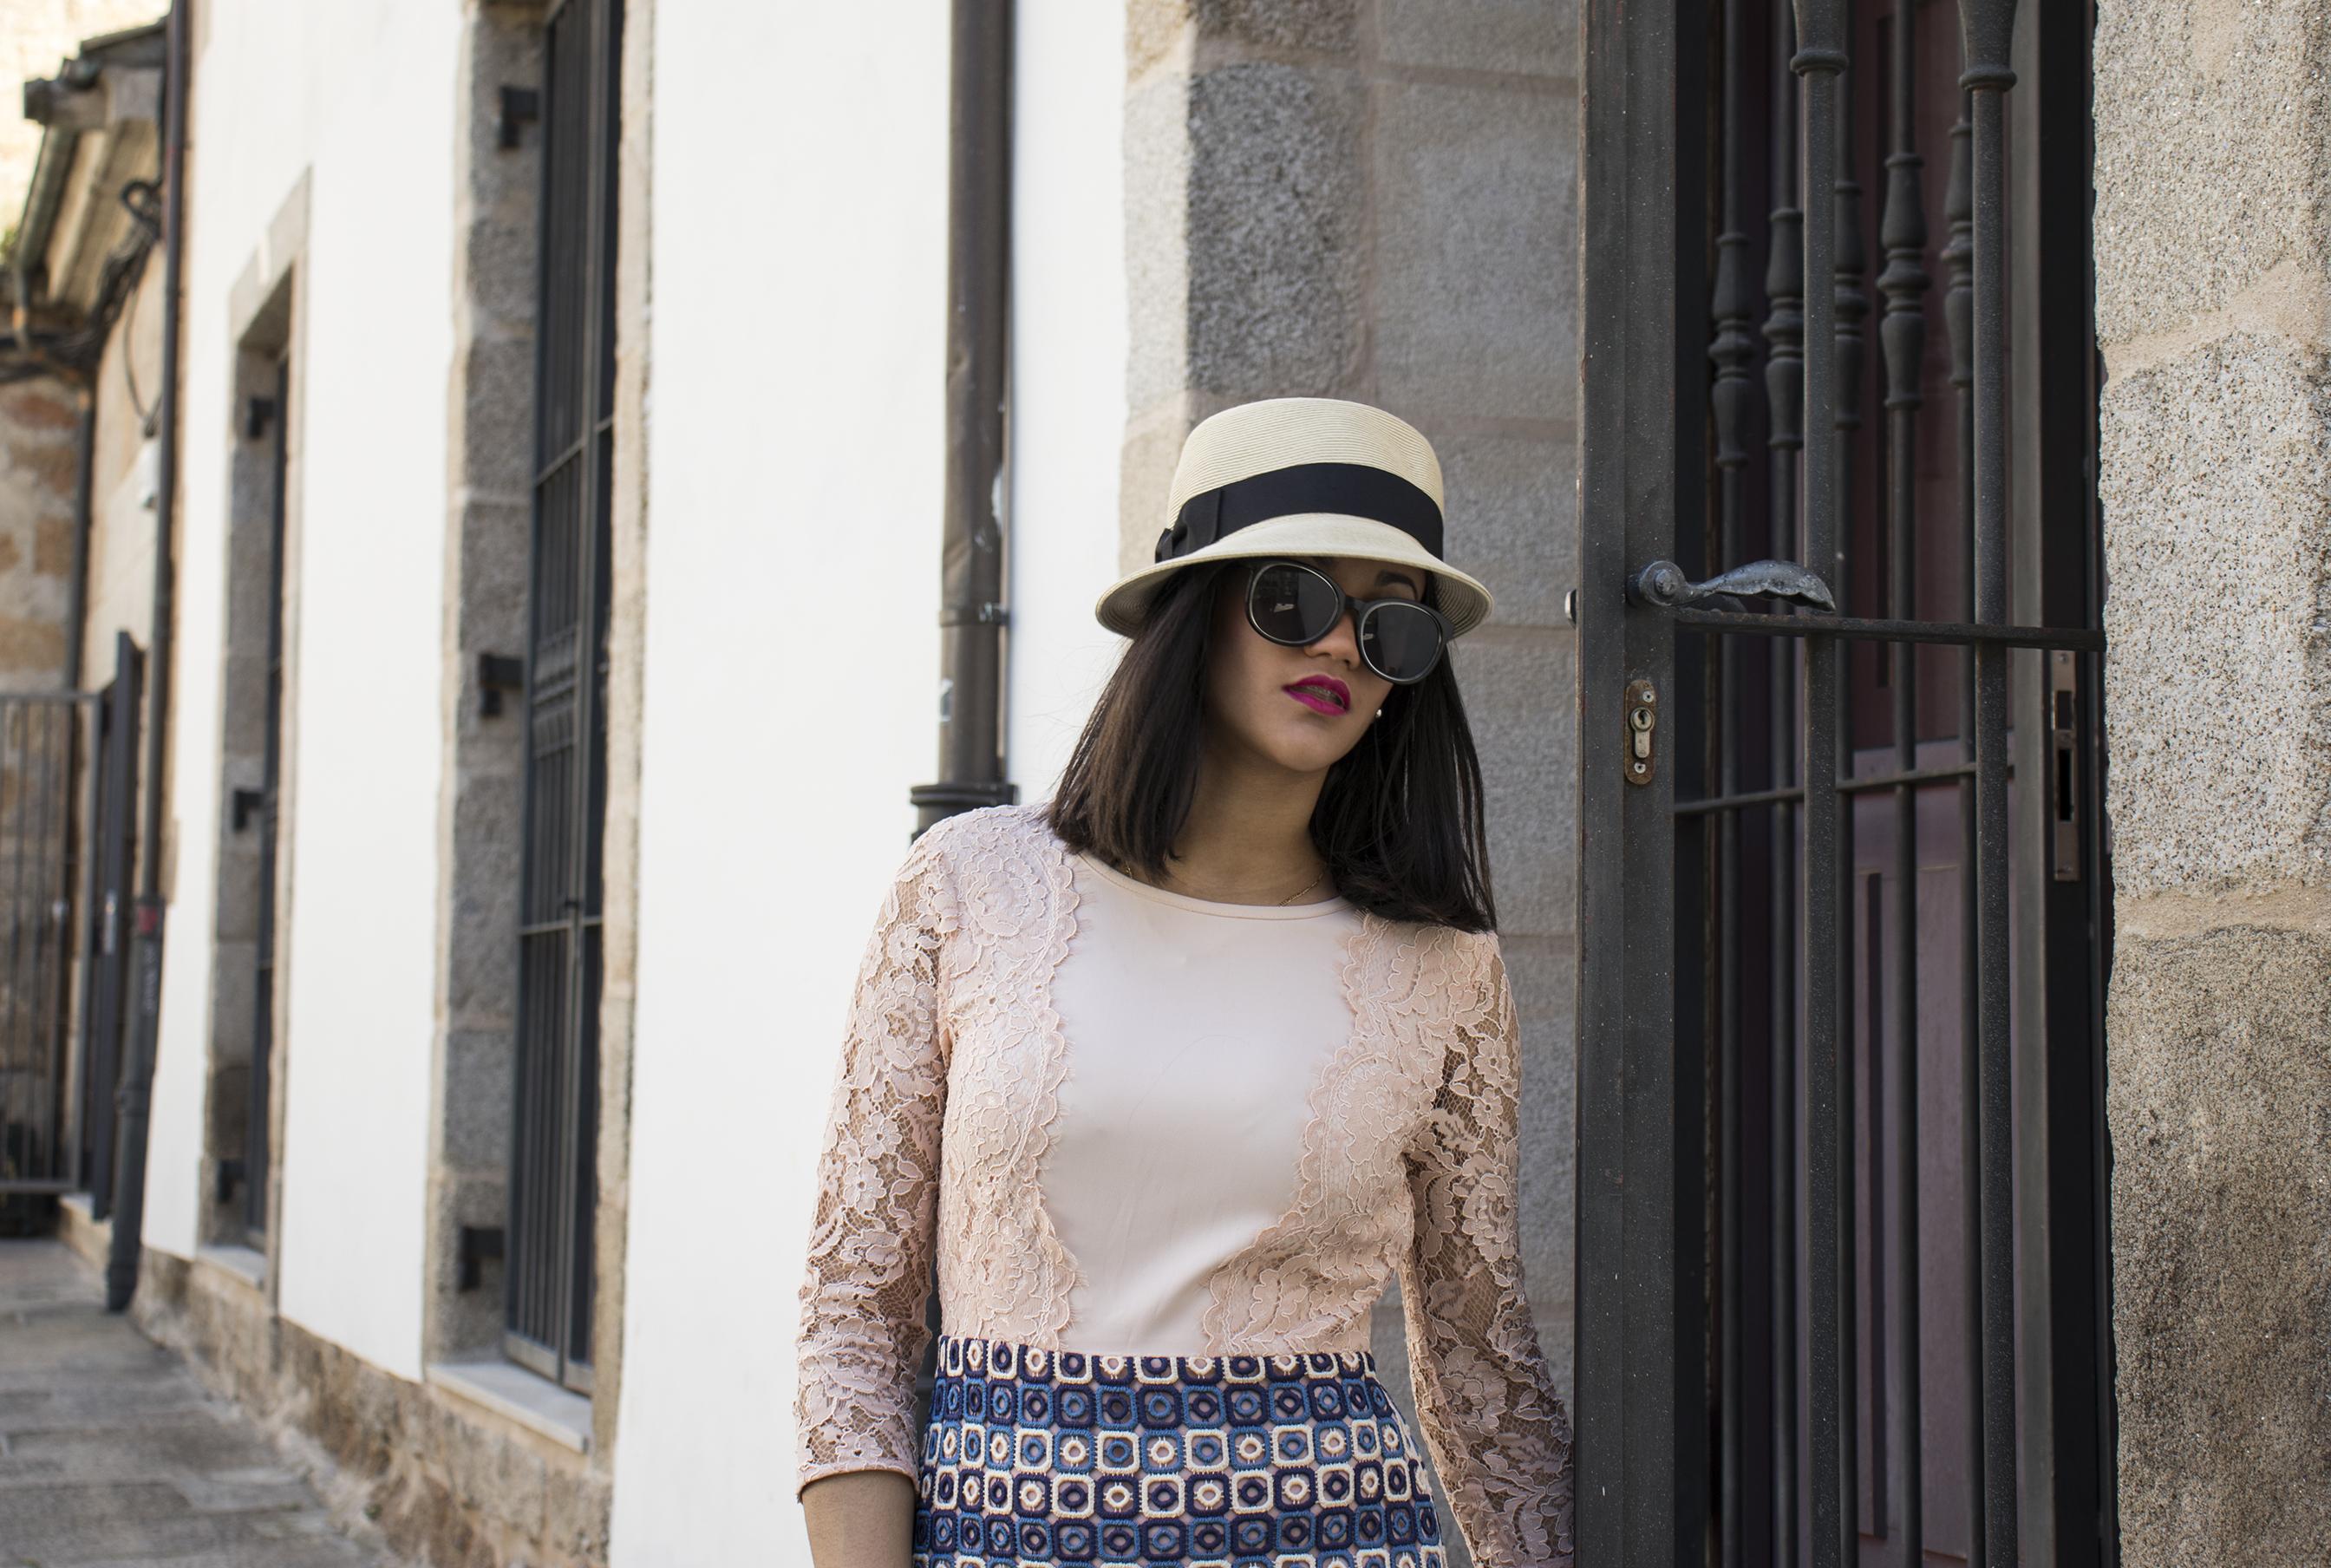 Sombreros La lucha, mujer